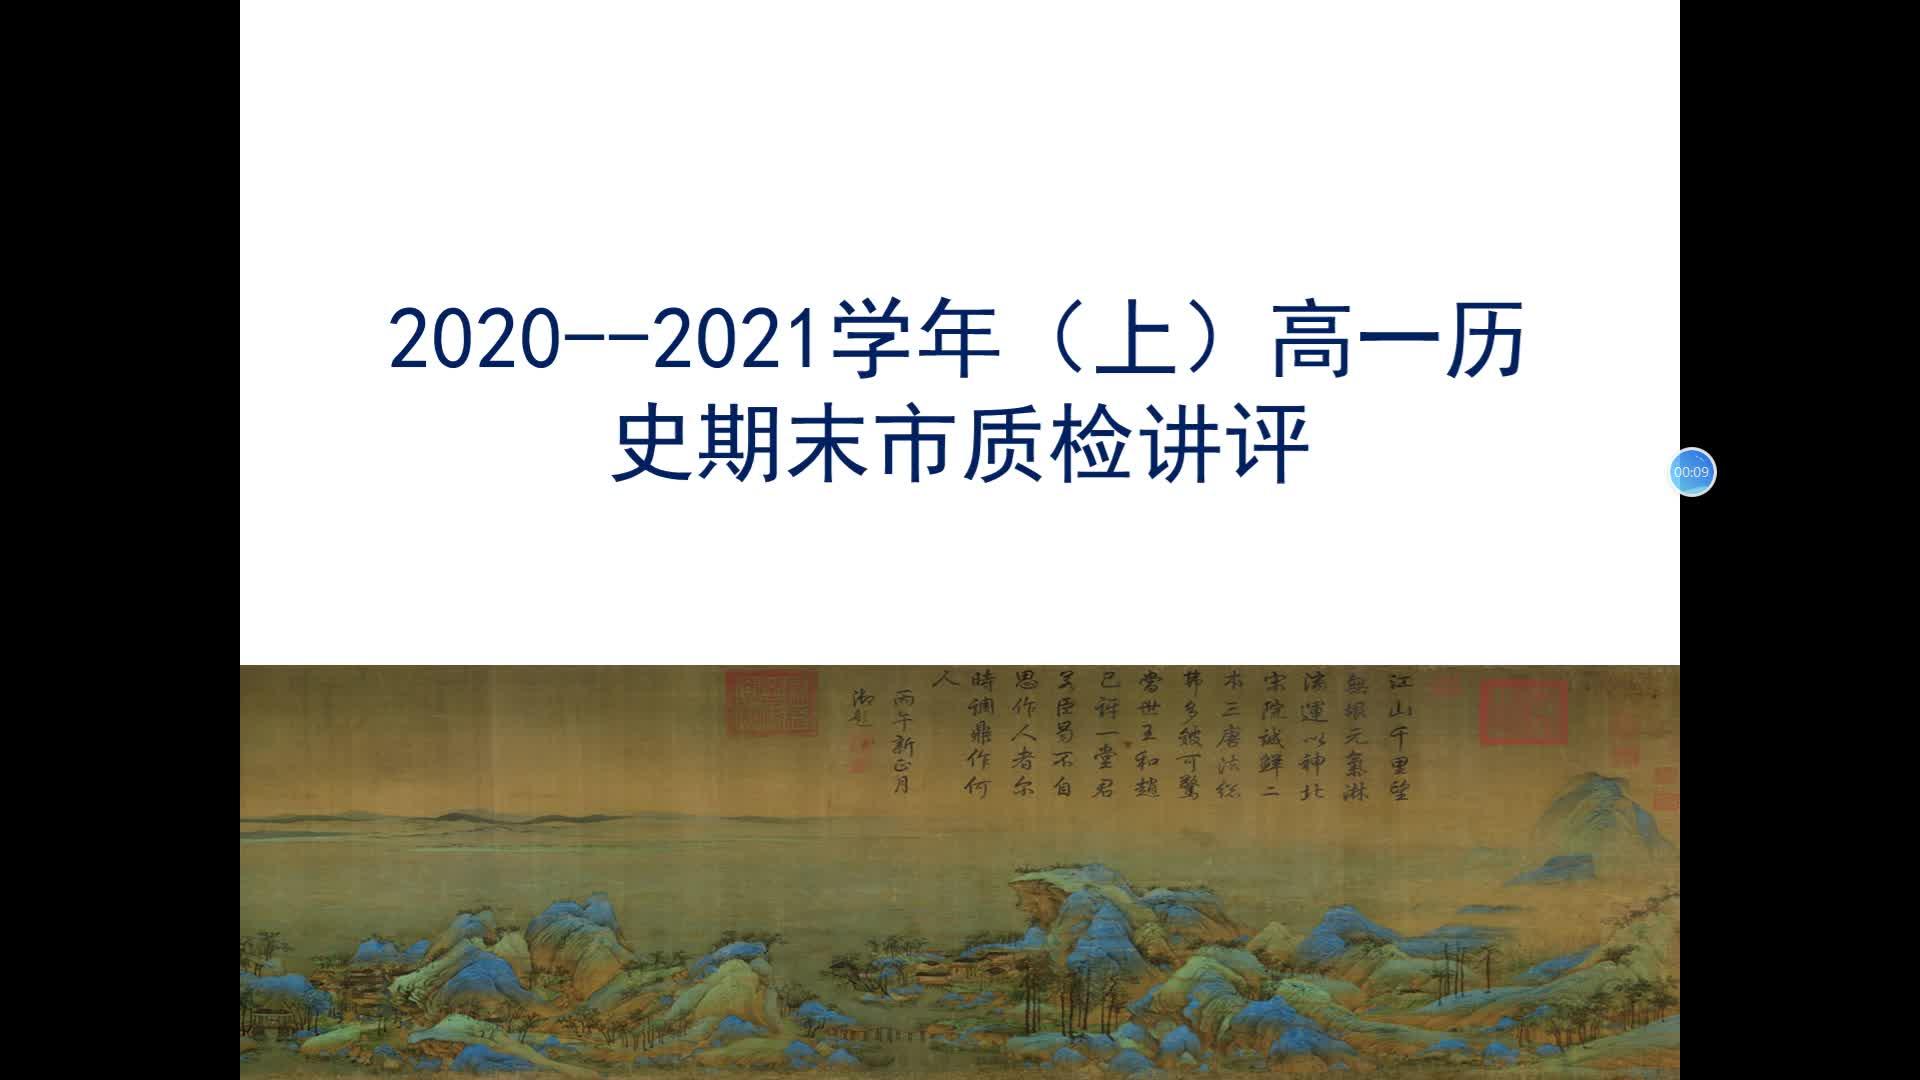 福建省厦门市2020-2021学年高一上学期期末考试历史试题 试卷链接https://www.zxxk.com/soft/26616679.html